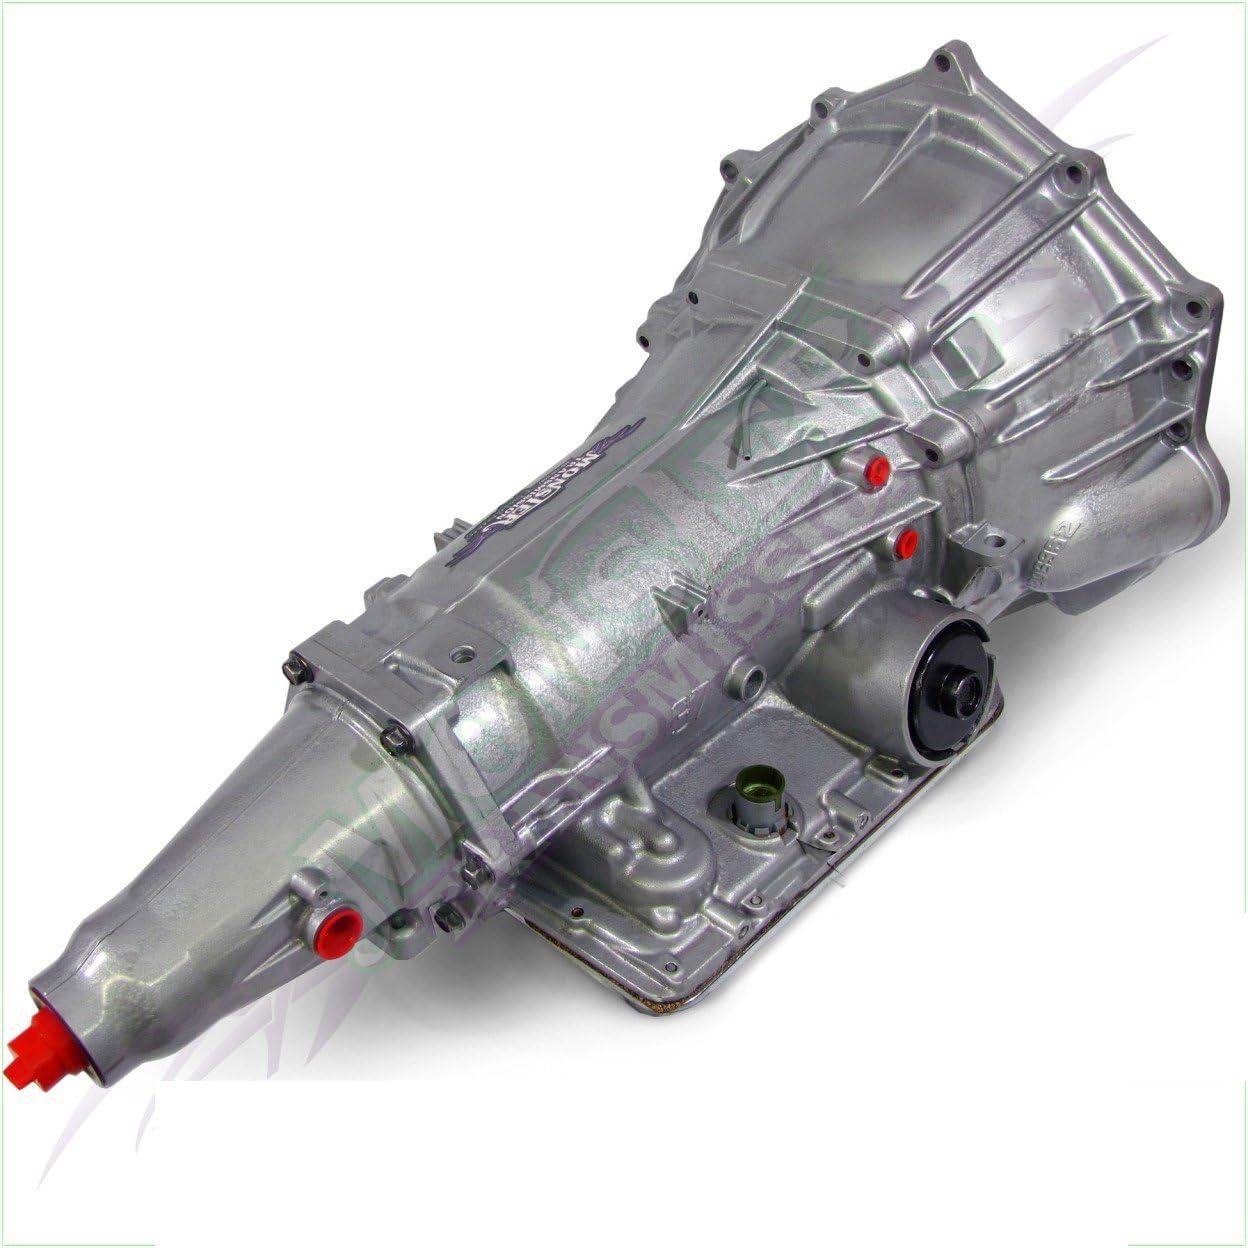 4l60e/4l70e transmisión transmisión de alto rendimiento 2 WD ...